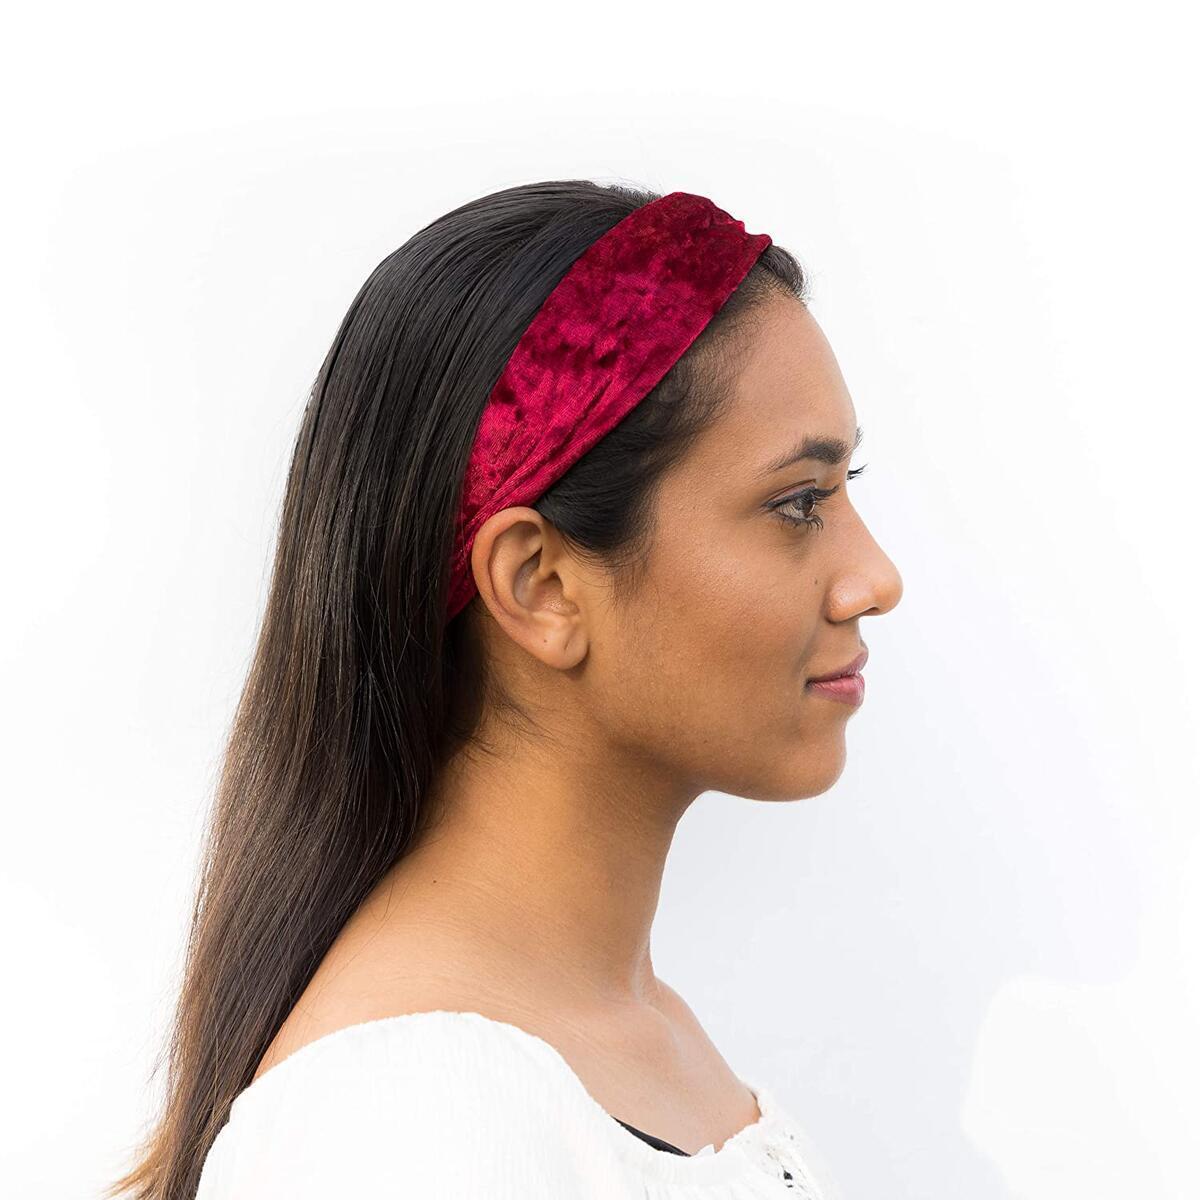 5 pack velvet headbands for women accessory for women Head Wraps Head Bands for Women and Girls